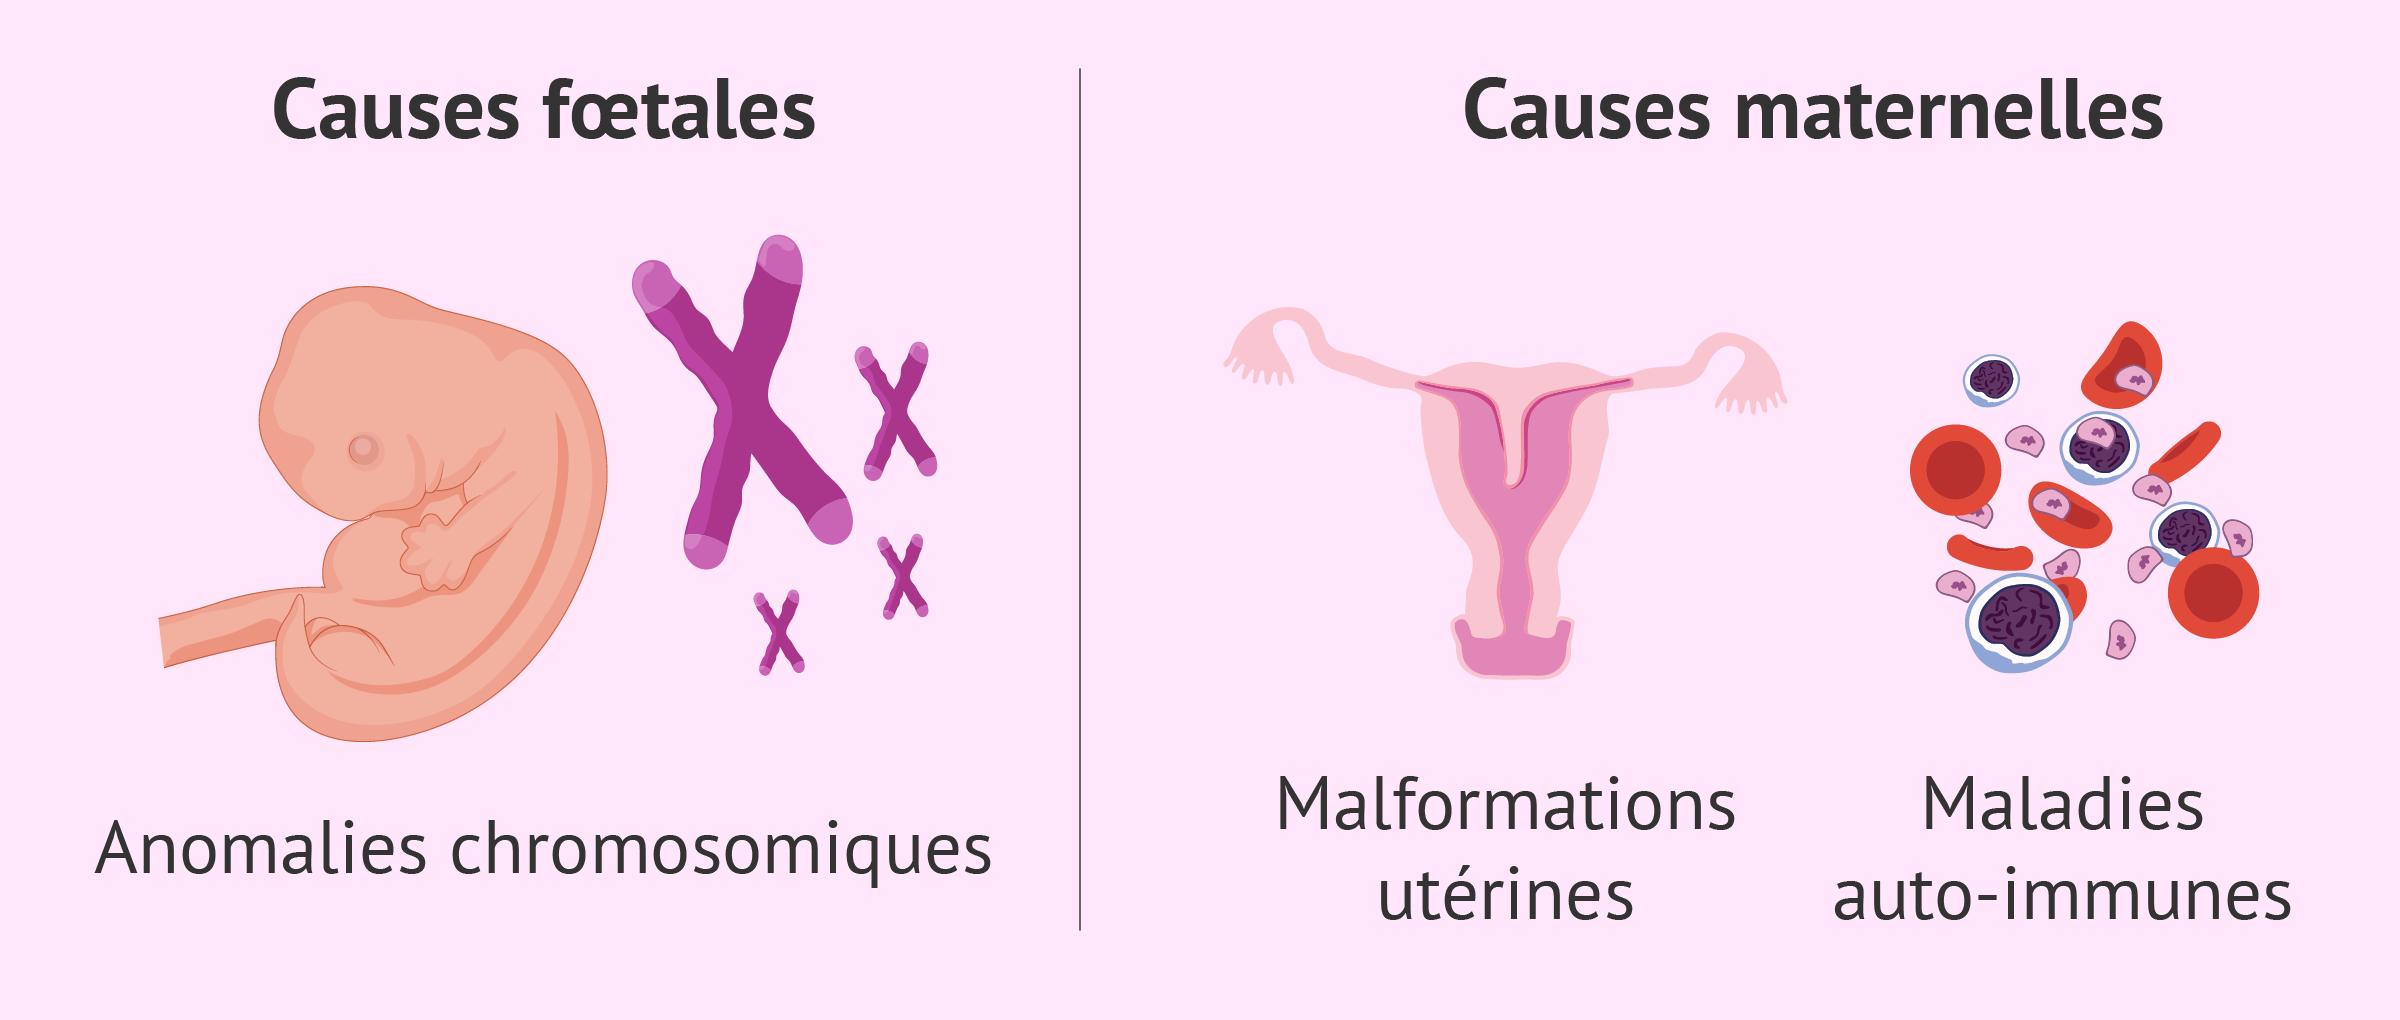 Avortement apres 2 semaines - Comment eviter une fausse couche en debut de grossesse ...